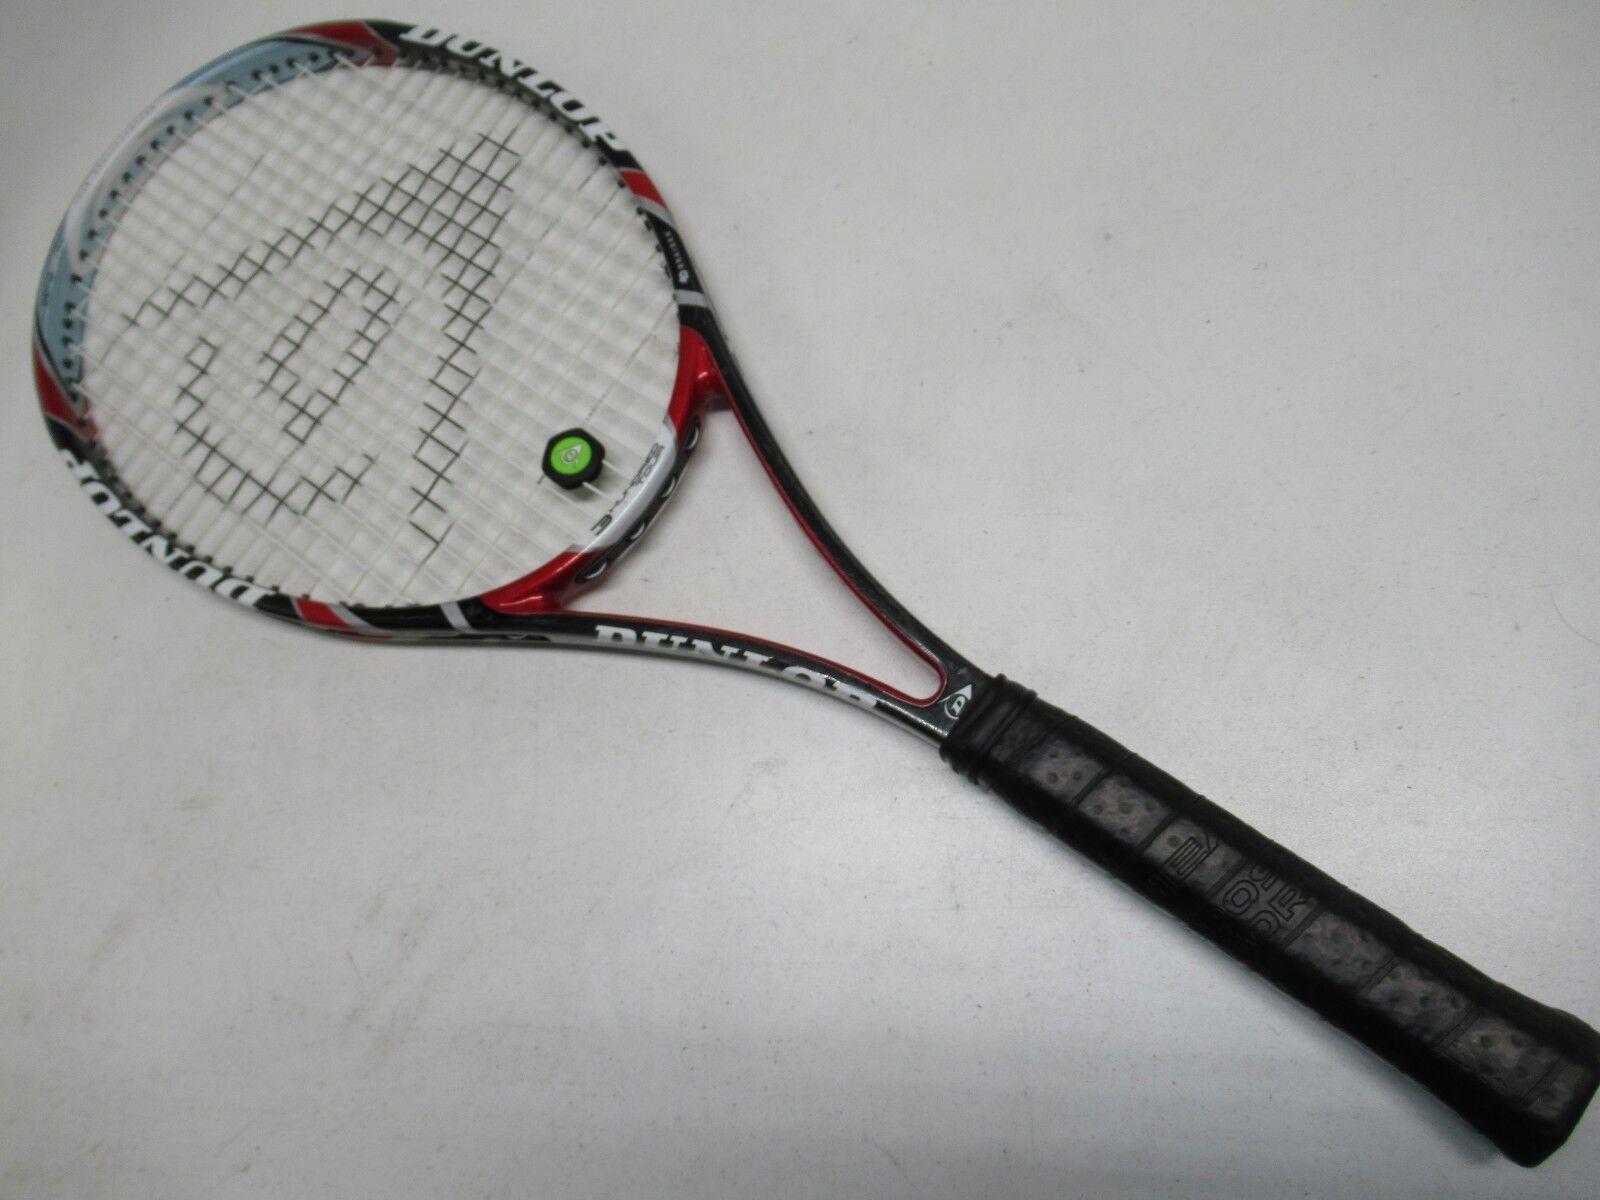 Dunlop Aerogel 4D 300 Tour Tenis Raqueta (4 3 8) distribuidor autorizado de demostración